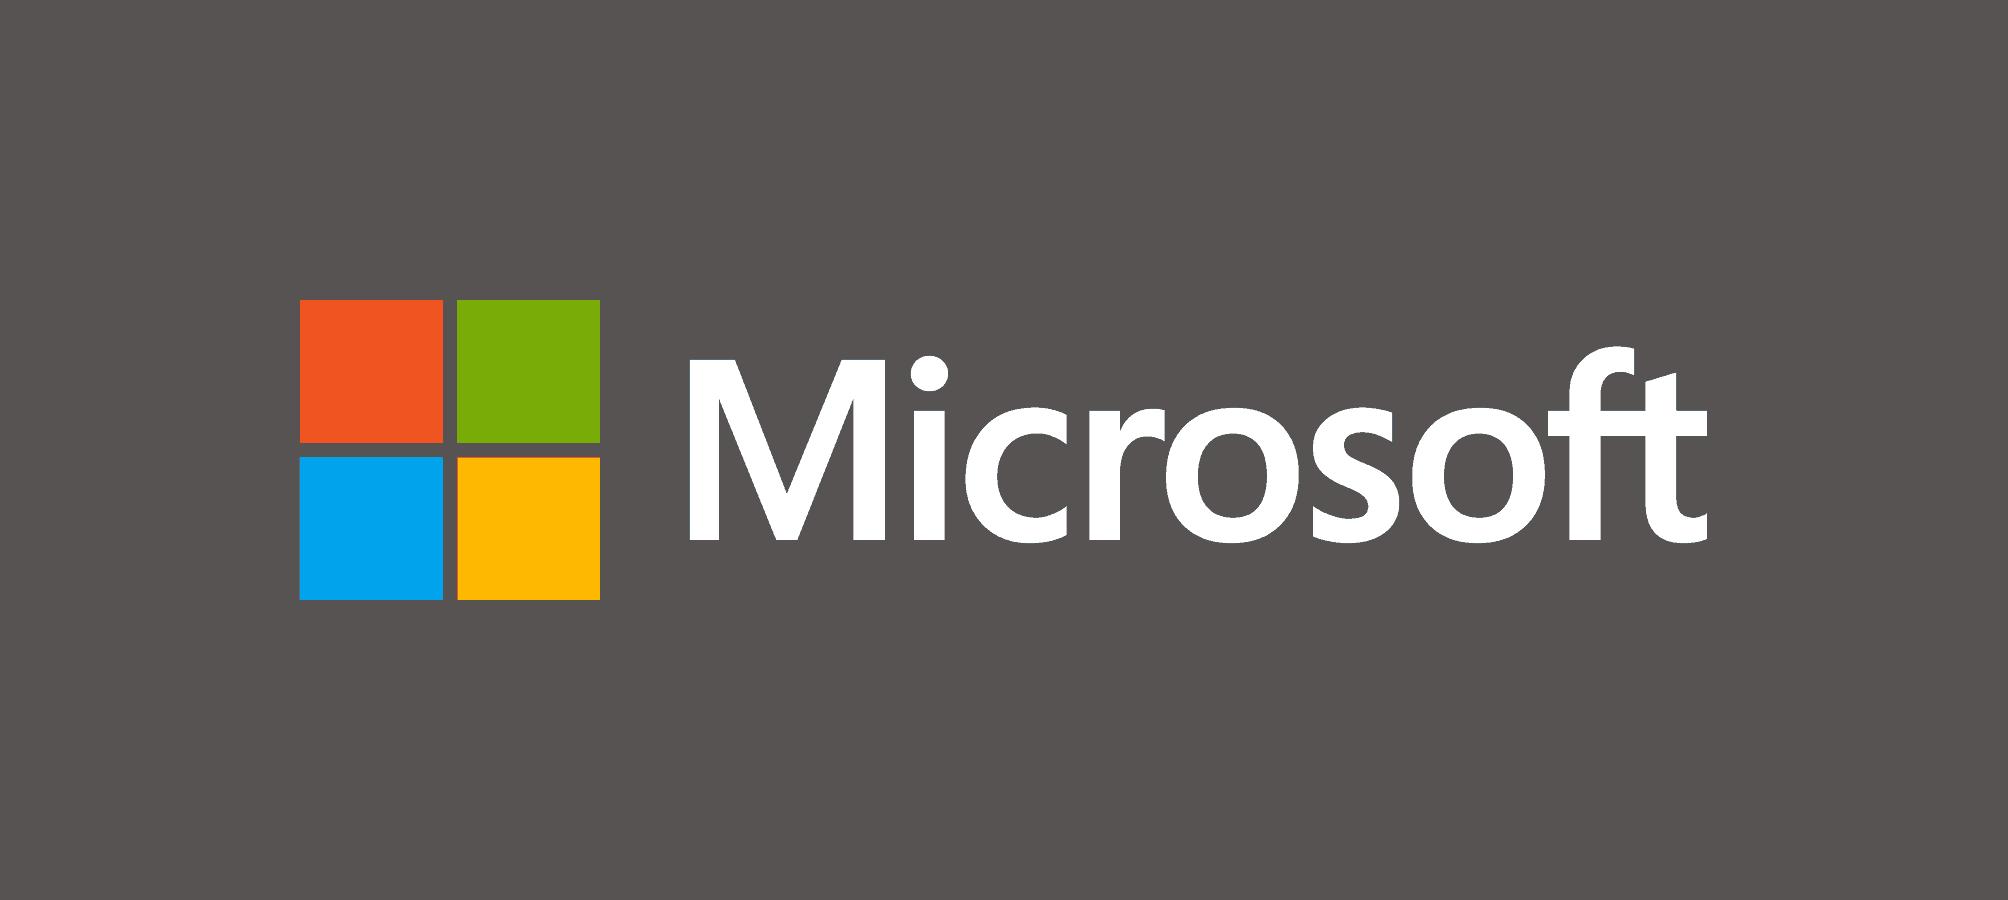 Une mise à jour de Windows 10 réinitialise le bureau de certains utilisateurs en cachant leurs données